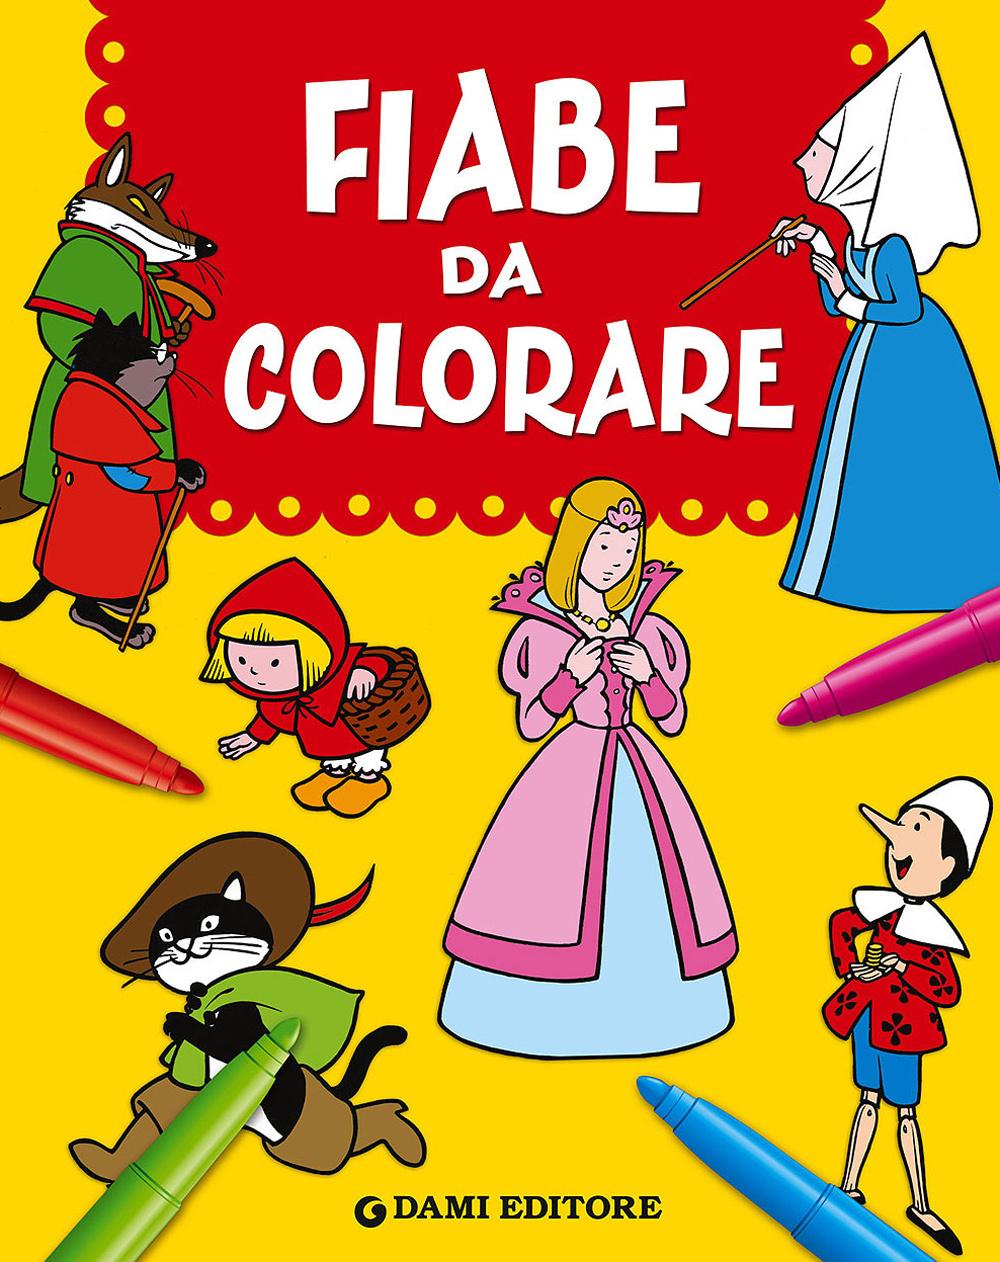 FIABE DA COLORARE - 9788809805866